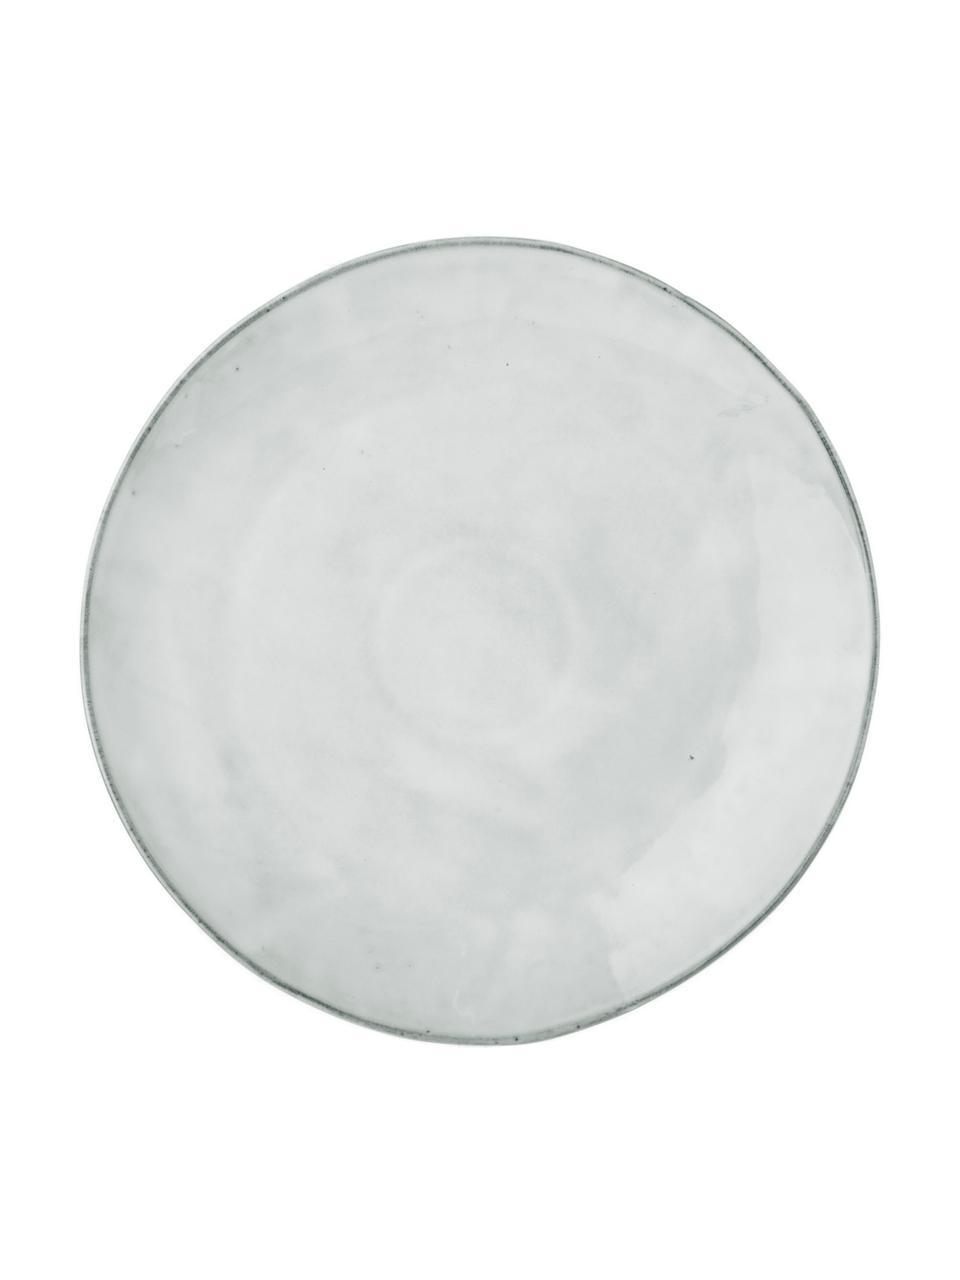 Handgemachte Platzteller Nordic Sand aus Steingut, 4 Stück, Steingut, Sand, Ø 31 cm